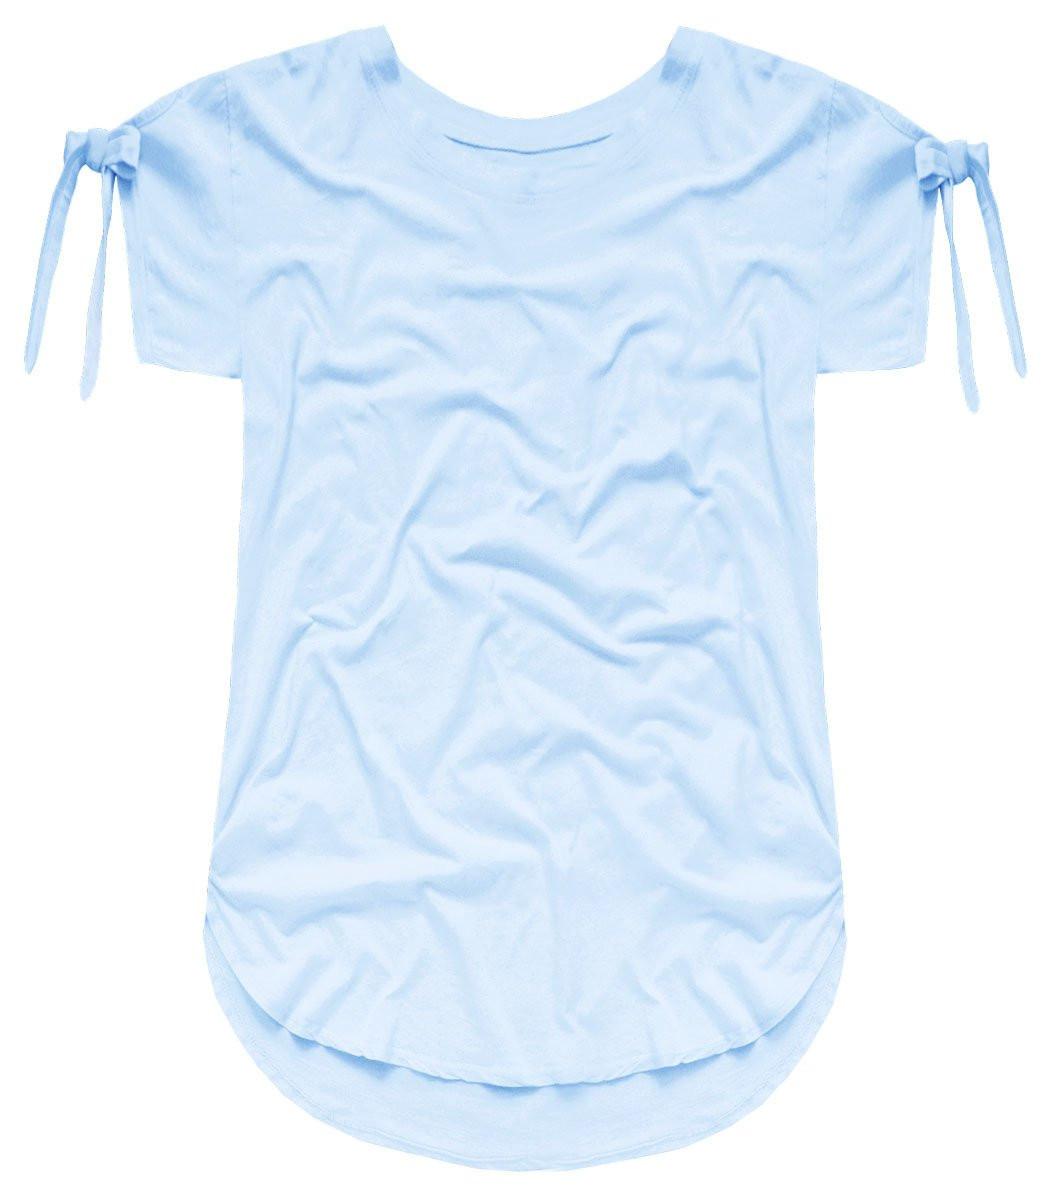 Světle modré bavlněné tričko T-shirt se zavazováním (ART3) - Modrá/ONE SIZE